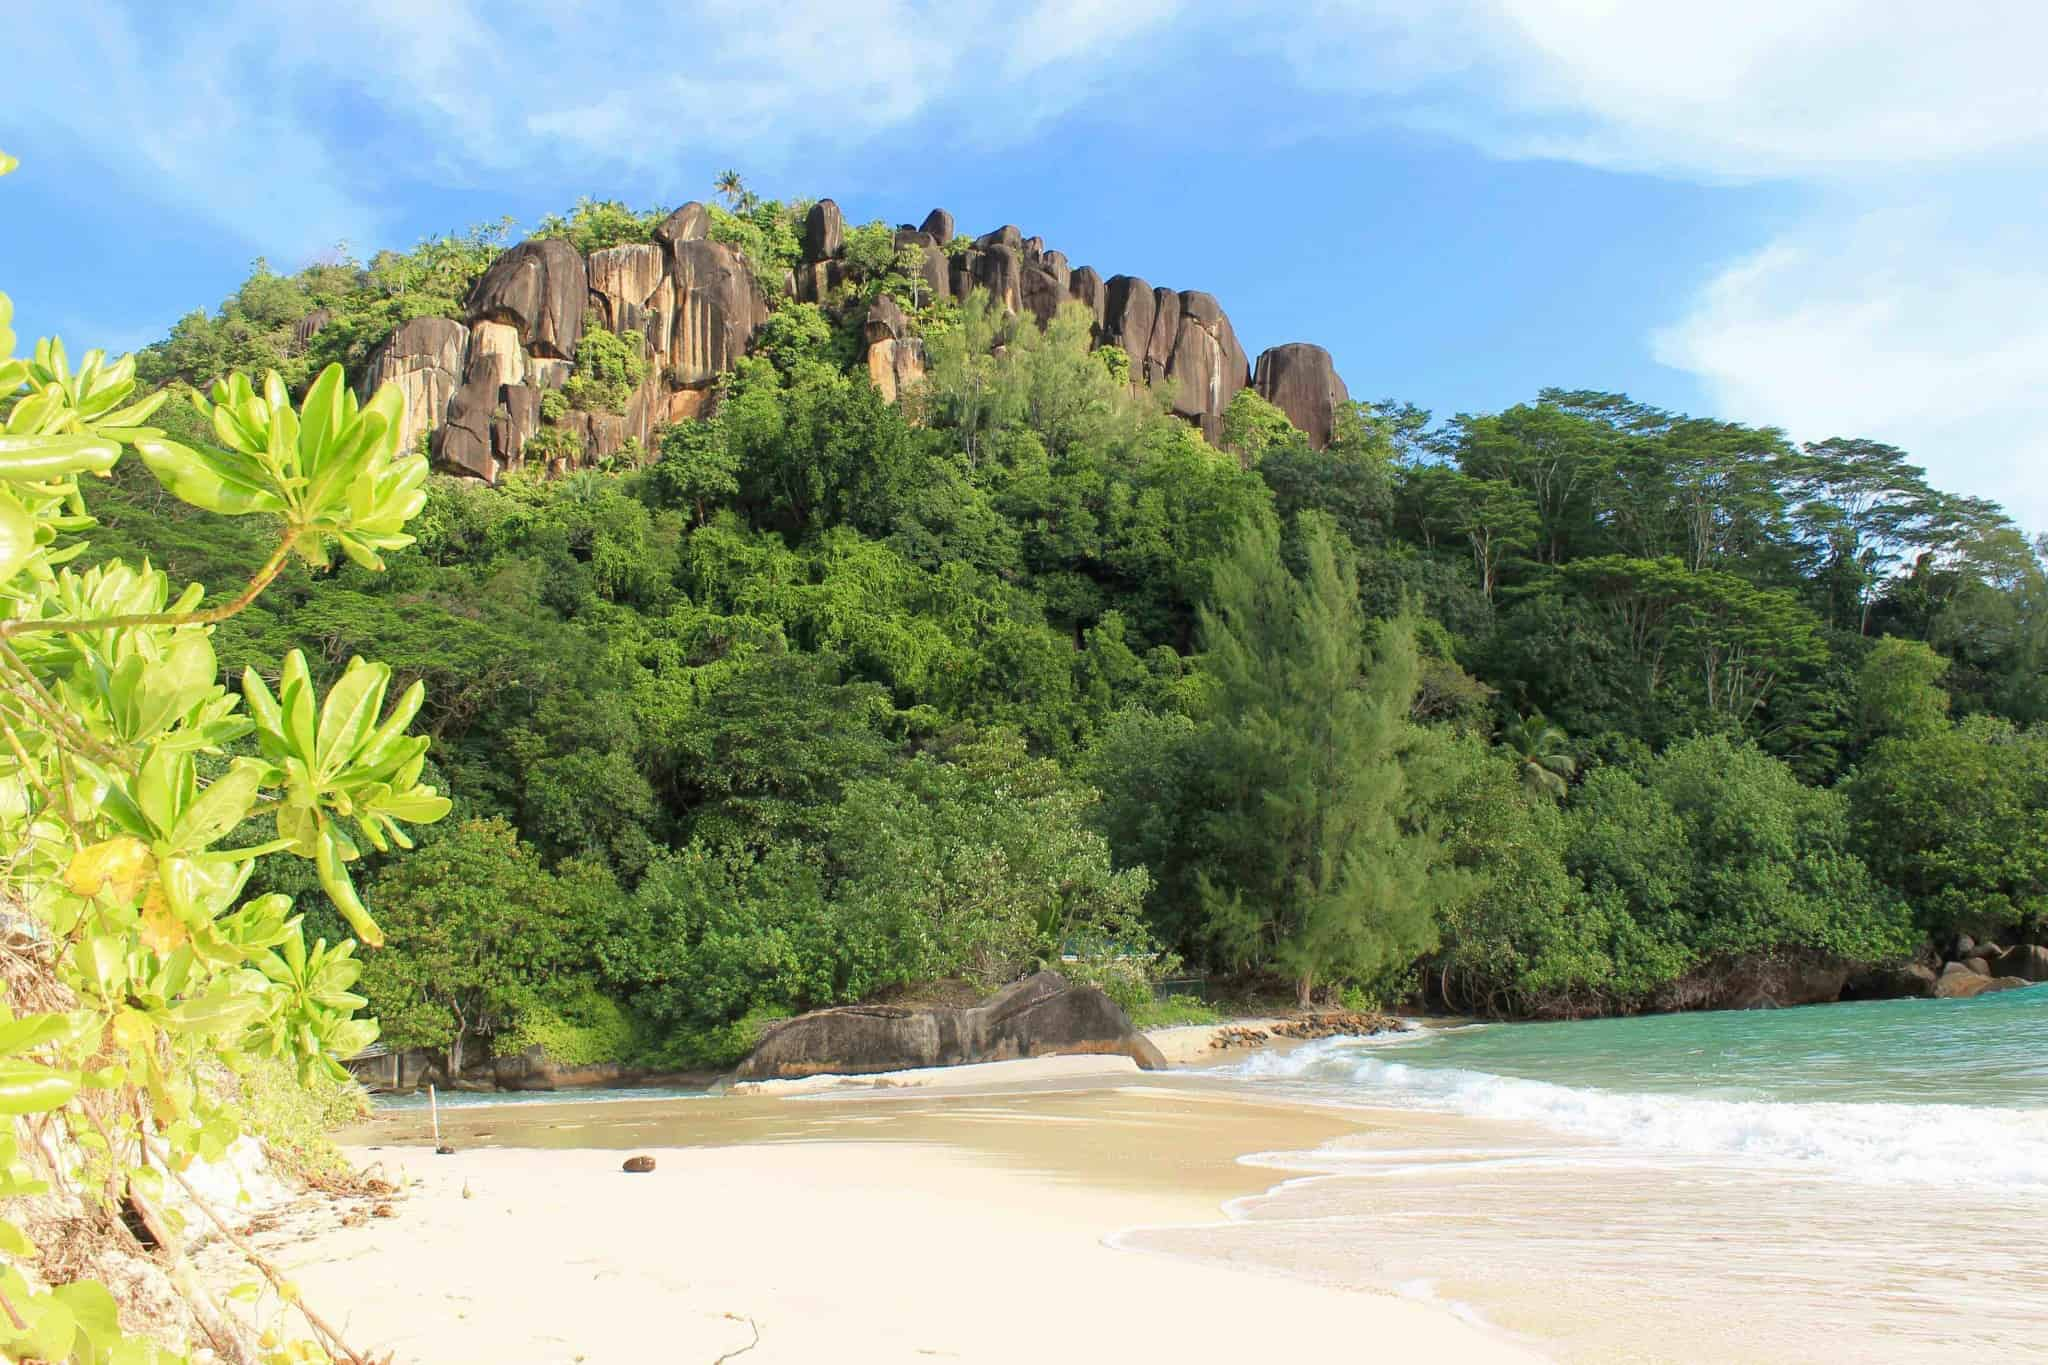 Seychelles in July